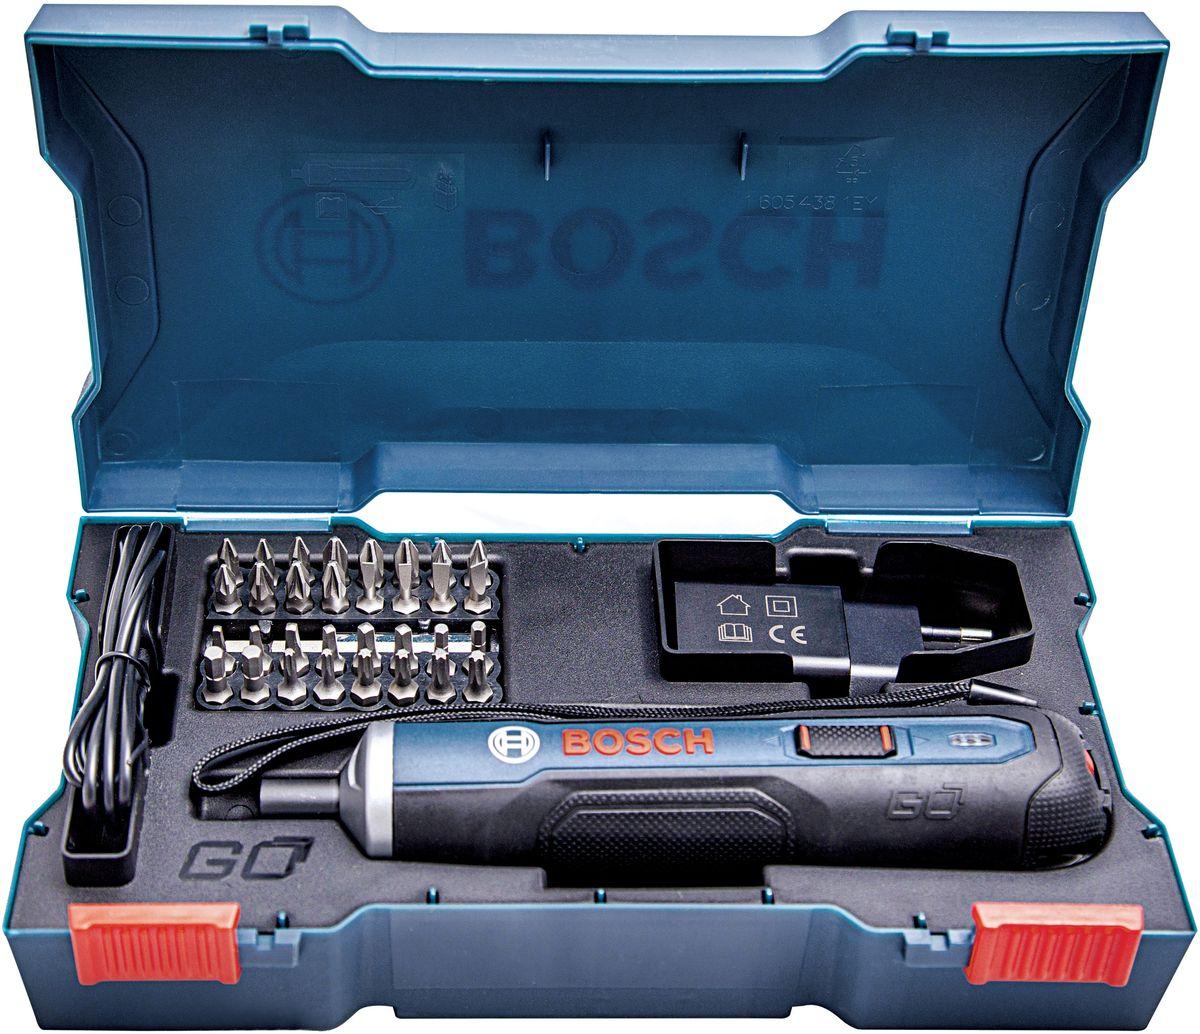 Отвертка аккумуляторная Bosch Go06019H2021В 4 раза более мощный, чем другие шуруповерты такого же размера и формы- Интуитивная работа – Заворачивание шурупов одним нажатием кнопки (Push & Go)- Интеллектуальная муфта E-clutch останавливает инструмент тогда, когда этонеобходимоНапряжение [ В ] 3.6Ёмкость аккумулятора [Ач] 1.5Максимальный крутящий Момент (ж/м) [ Нм ] 5/2.5Число оборотов на холостом ходу [об/мин] 360Управление скоростью нетпереключатель Кнопка «старт»Регулировка крутящего момента ДаМакс мощность при реверсе ДаЗарядный порт Микро-USBИндикатор заряда аккумулятора да (3 LED )Время заряда аккумулятора [мин] 90Держатель бит 1/4 HEXБлокировка даСветодиод LED нетКомплектация:Отвертка Bosch GO33 битыЗарядное устройство USB Кабель